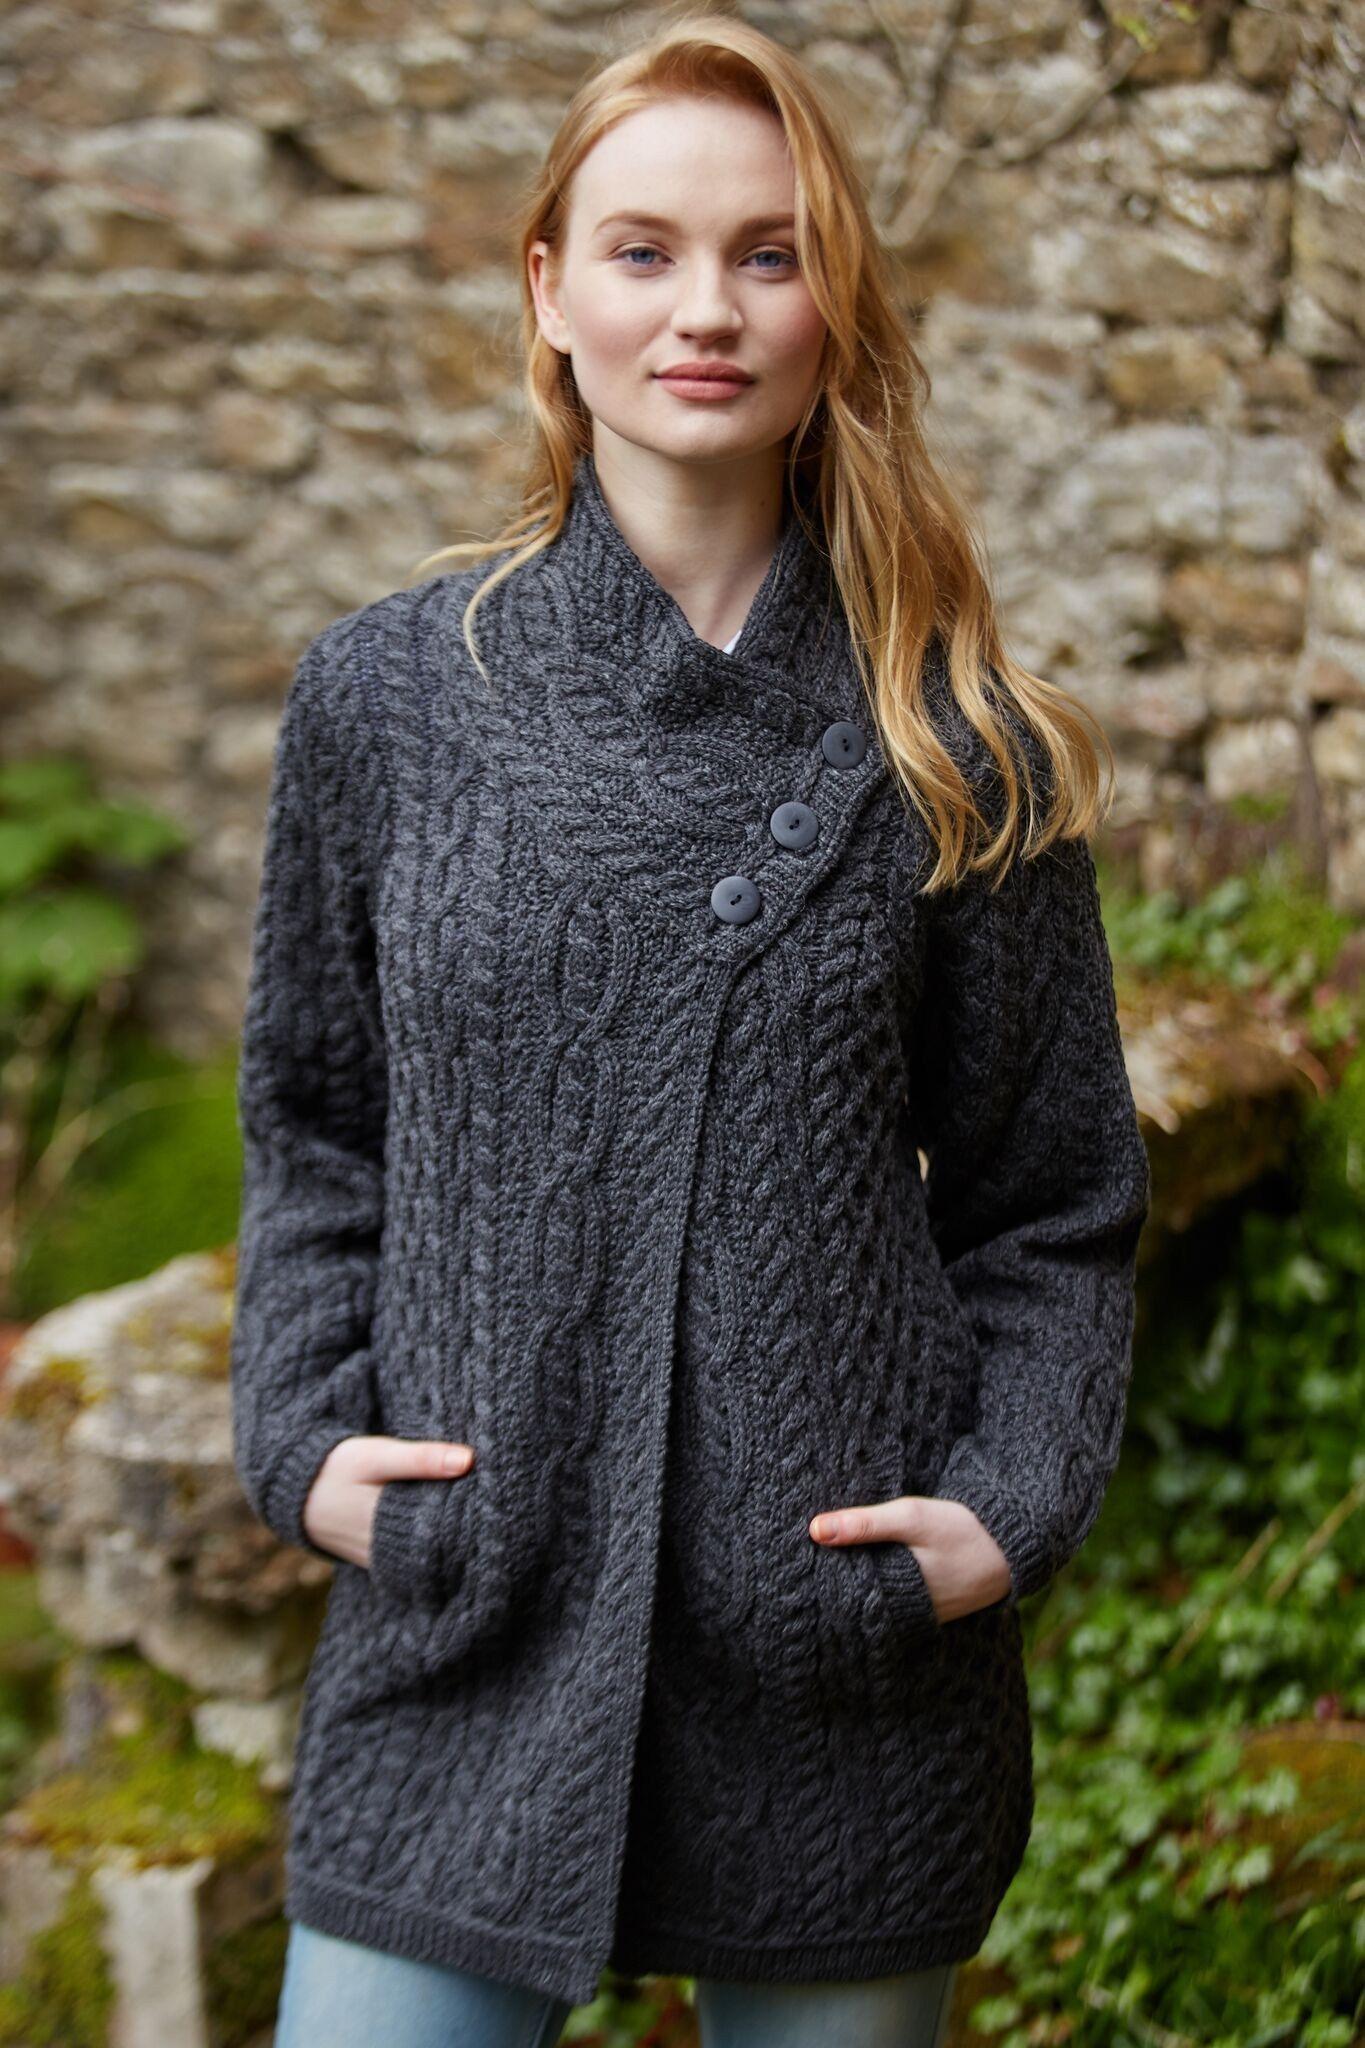 Aran Knitting Patterns Free Irish Aran 3 Button Cardigan ...